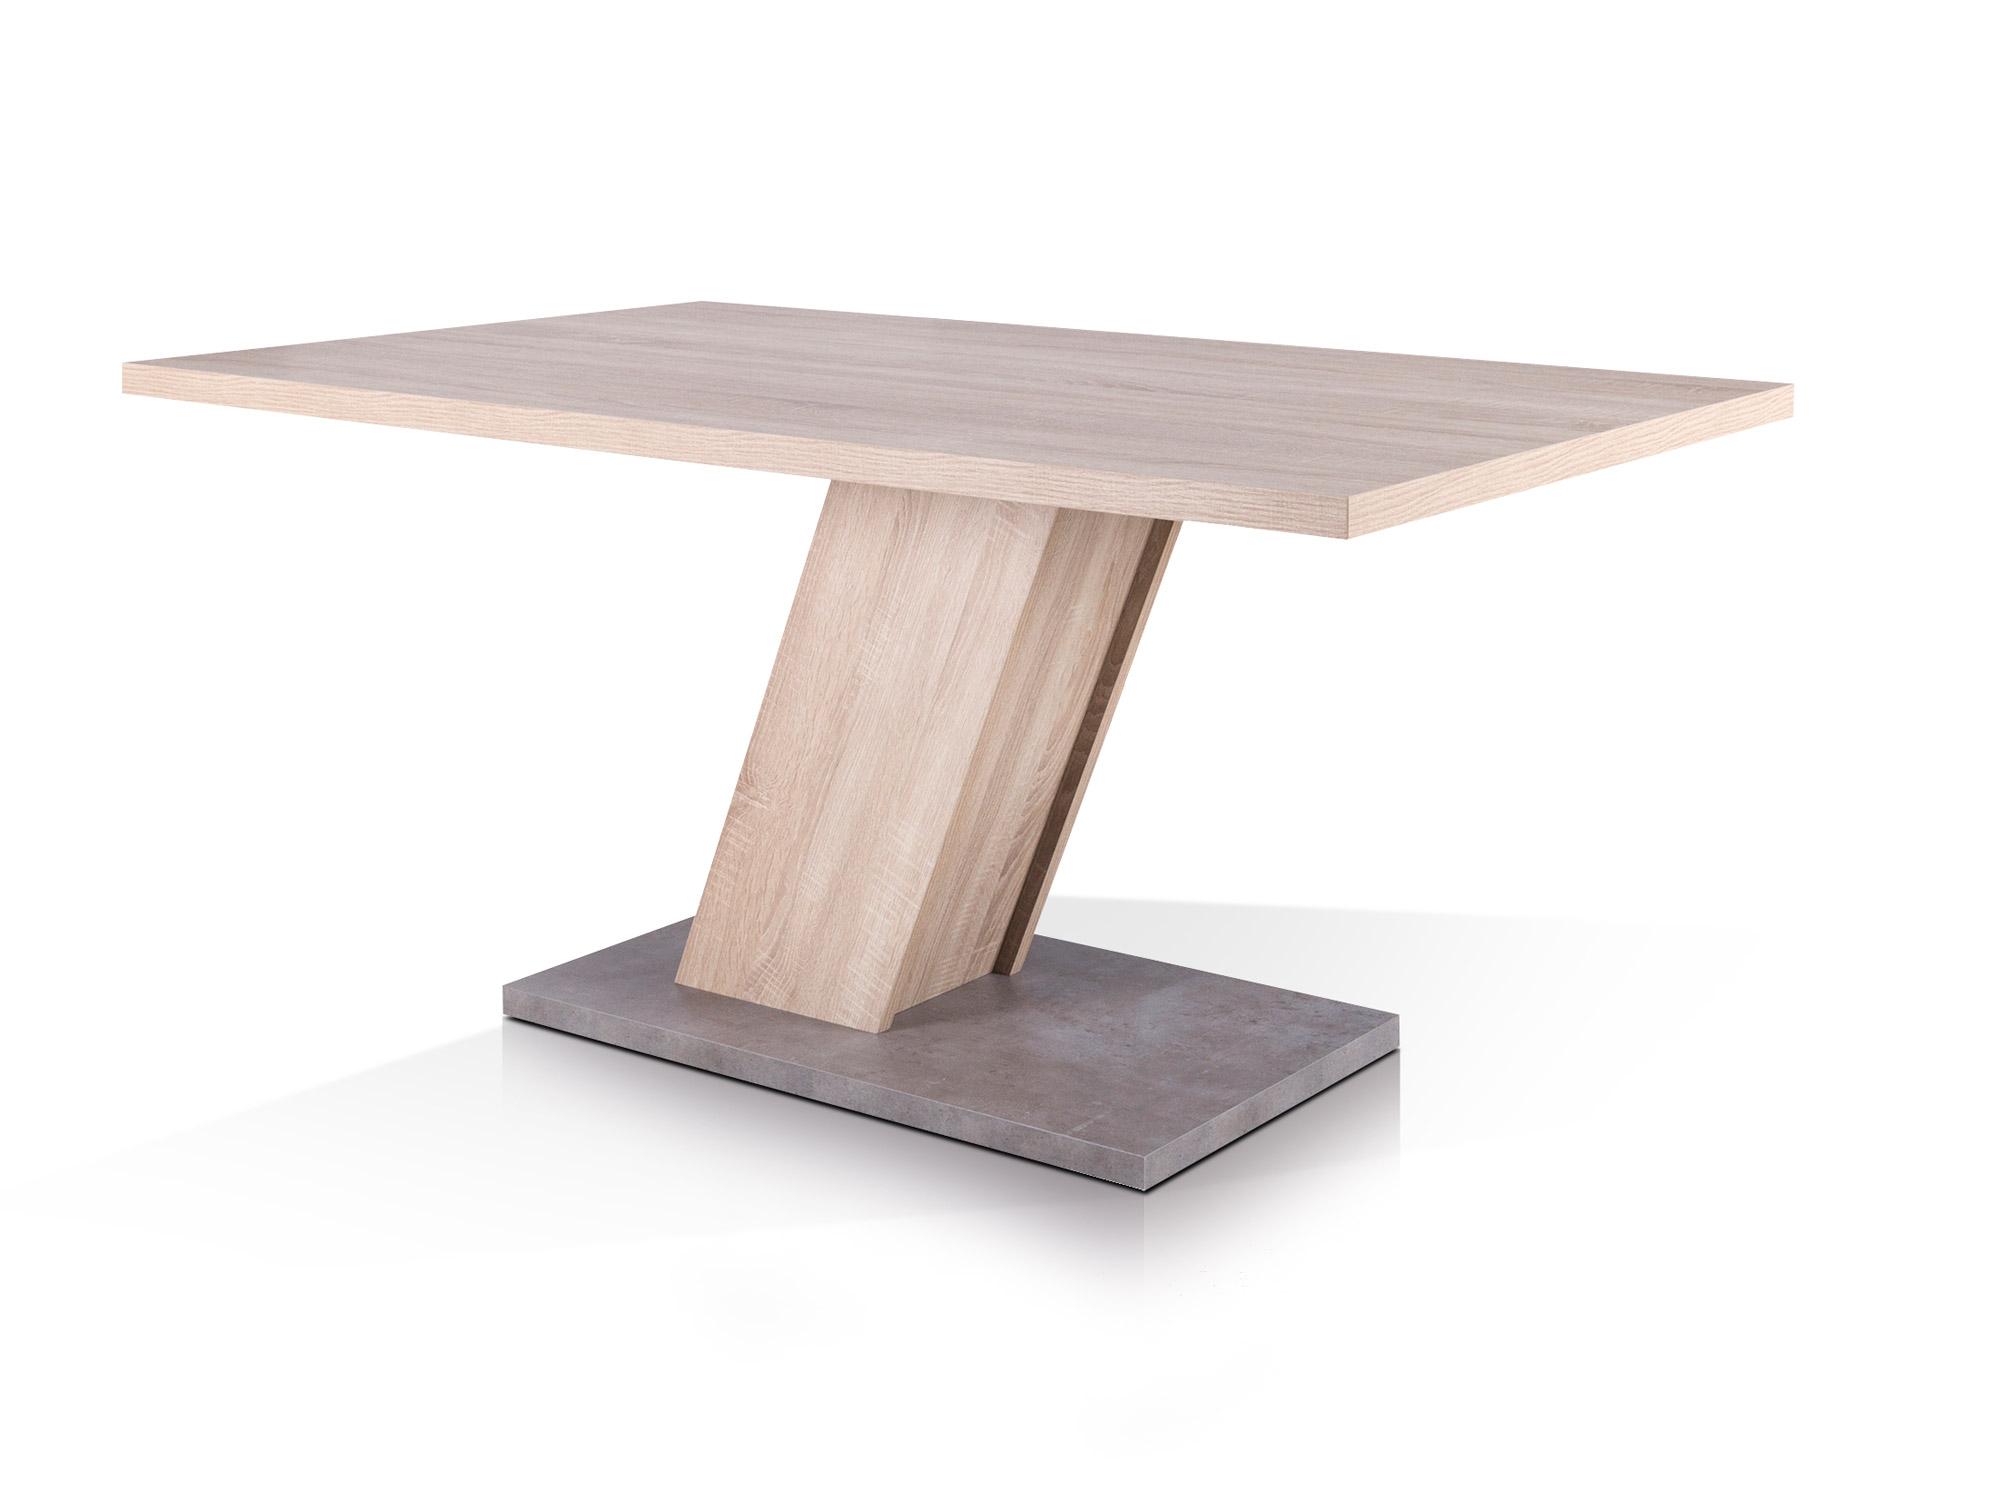 innsbruck esstisch 160x90 cm sonoma fu beton. Black Bedroom Furniture Sets. Home Design Ideas